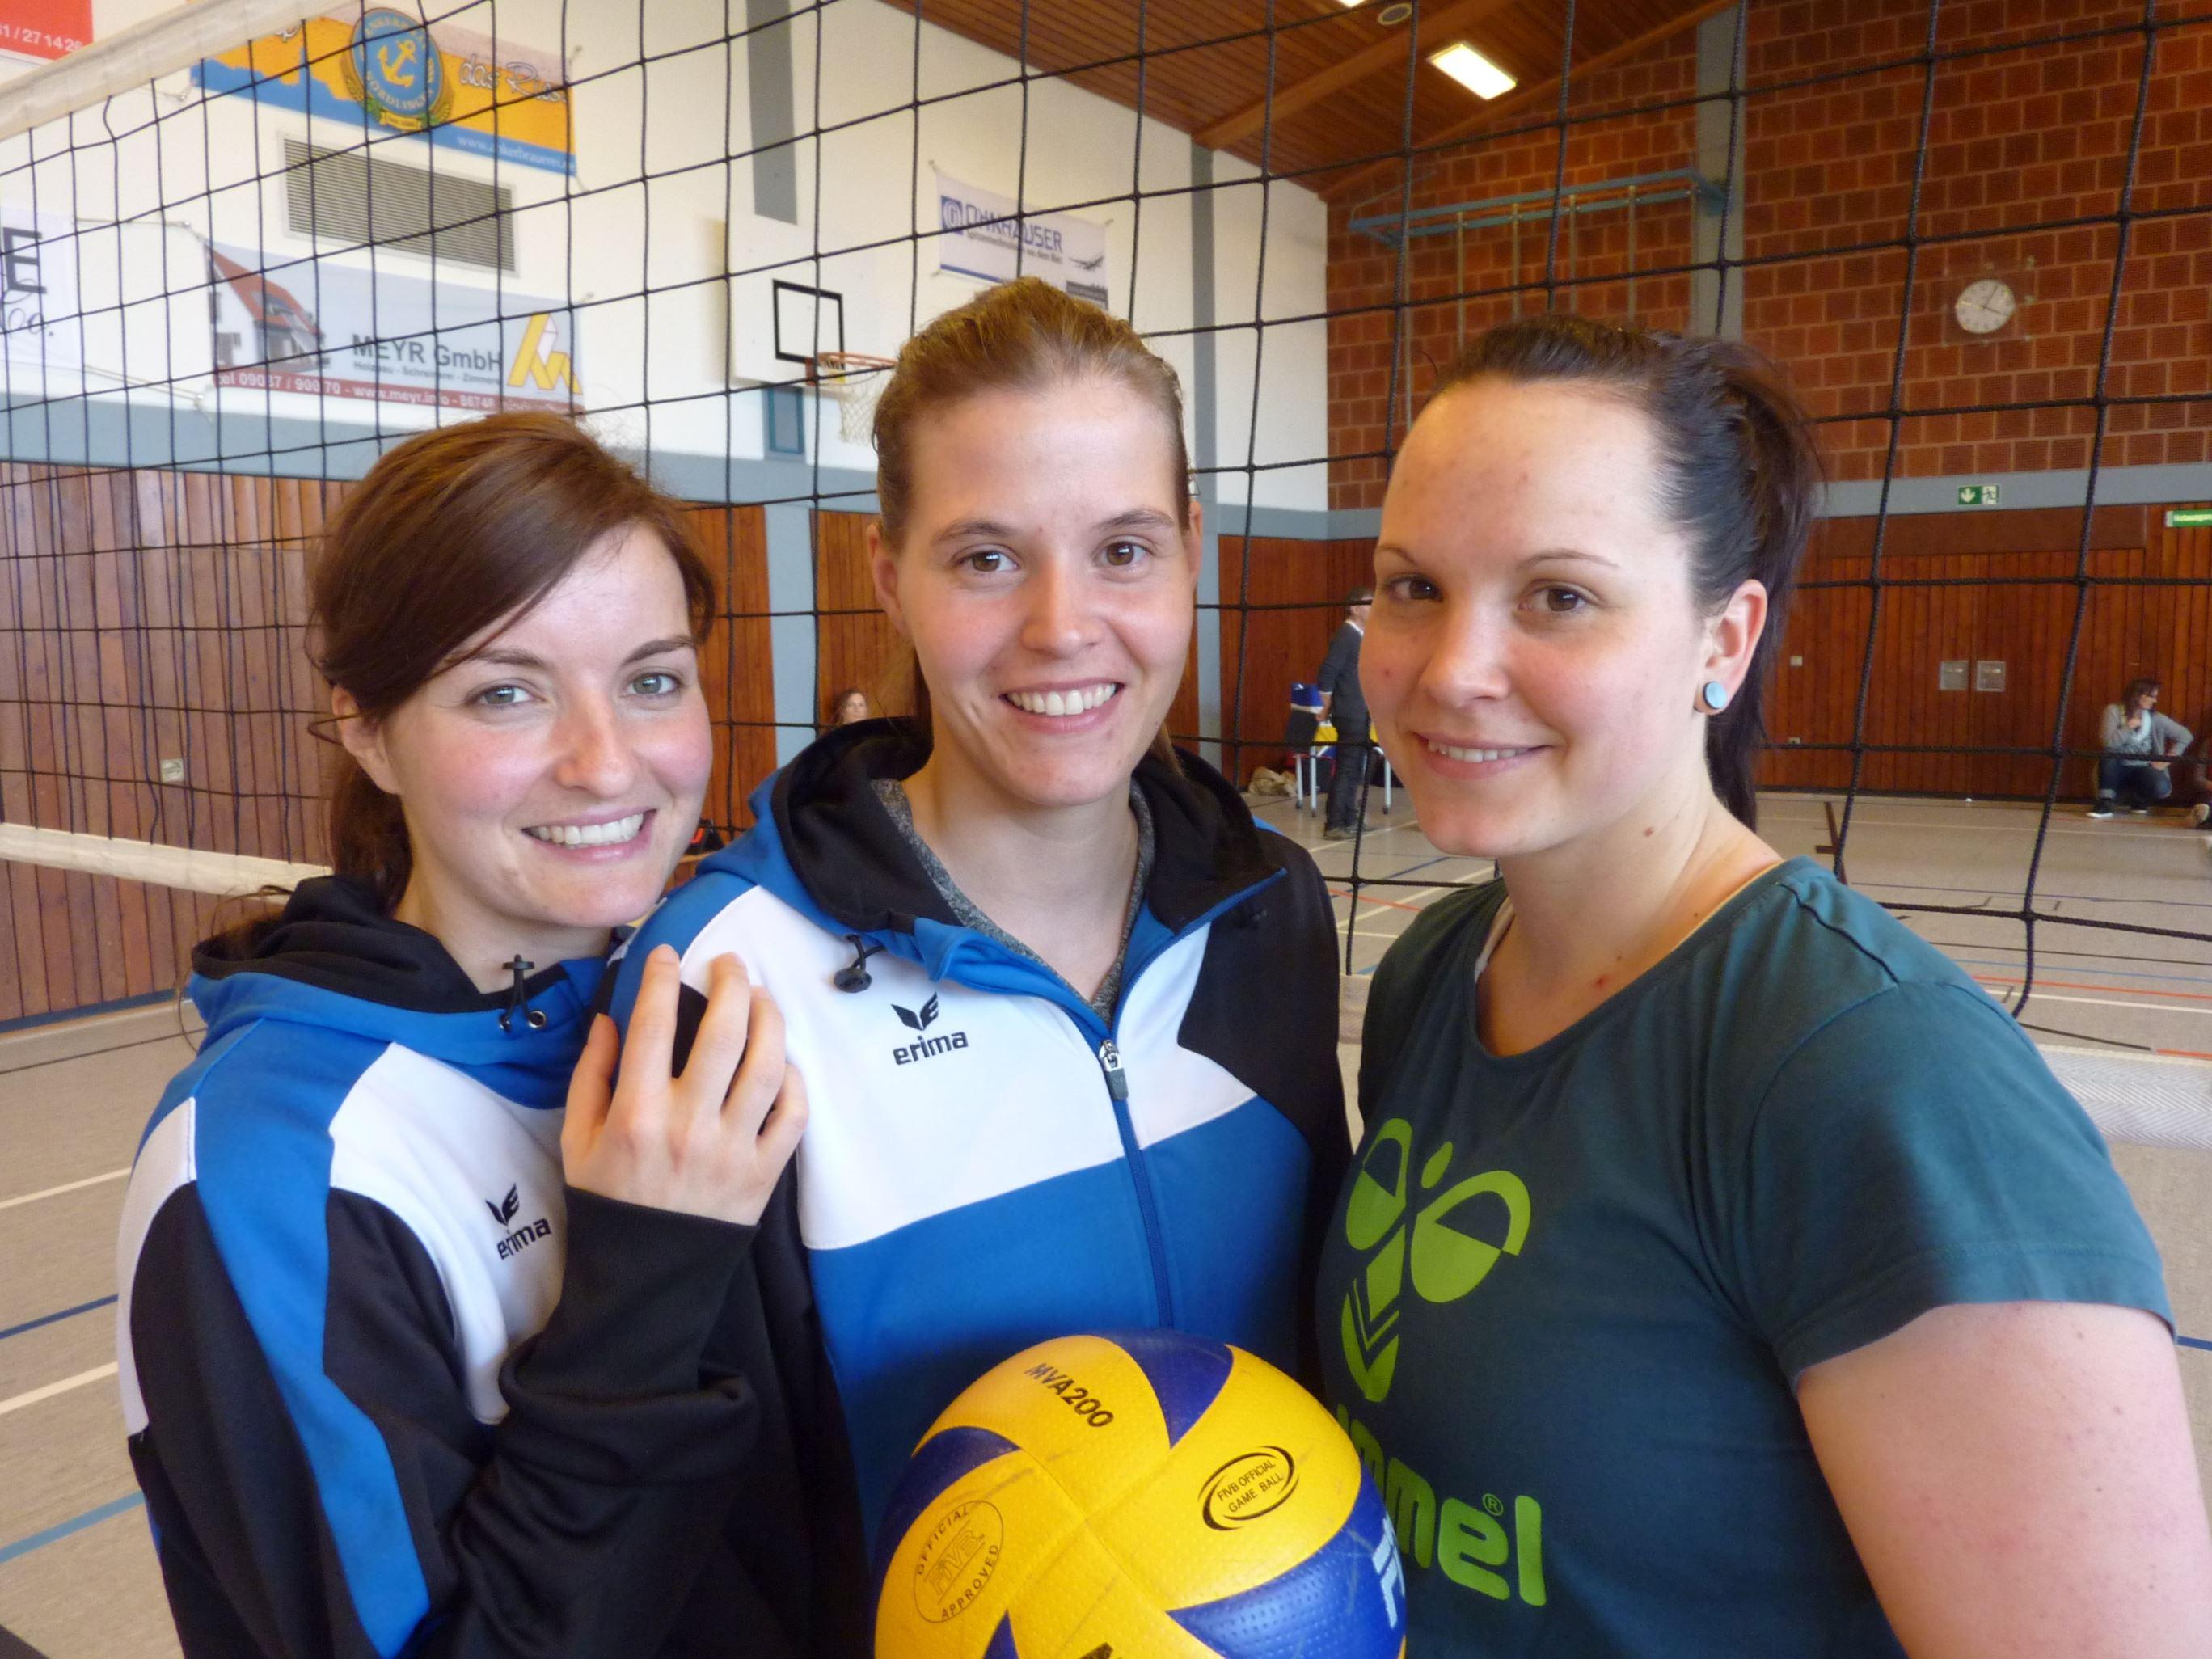 Regionalliga – Damen 1 – Drei, die sich verstehen